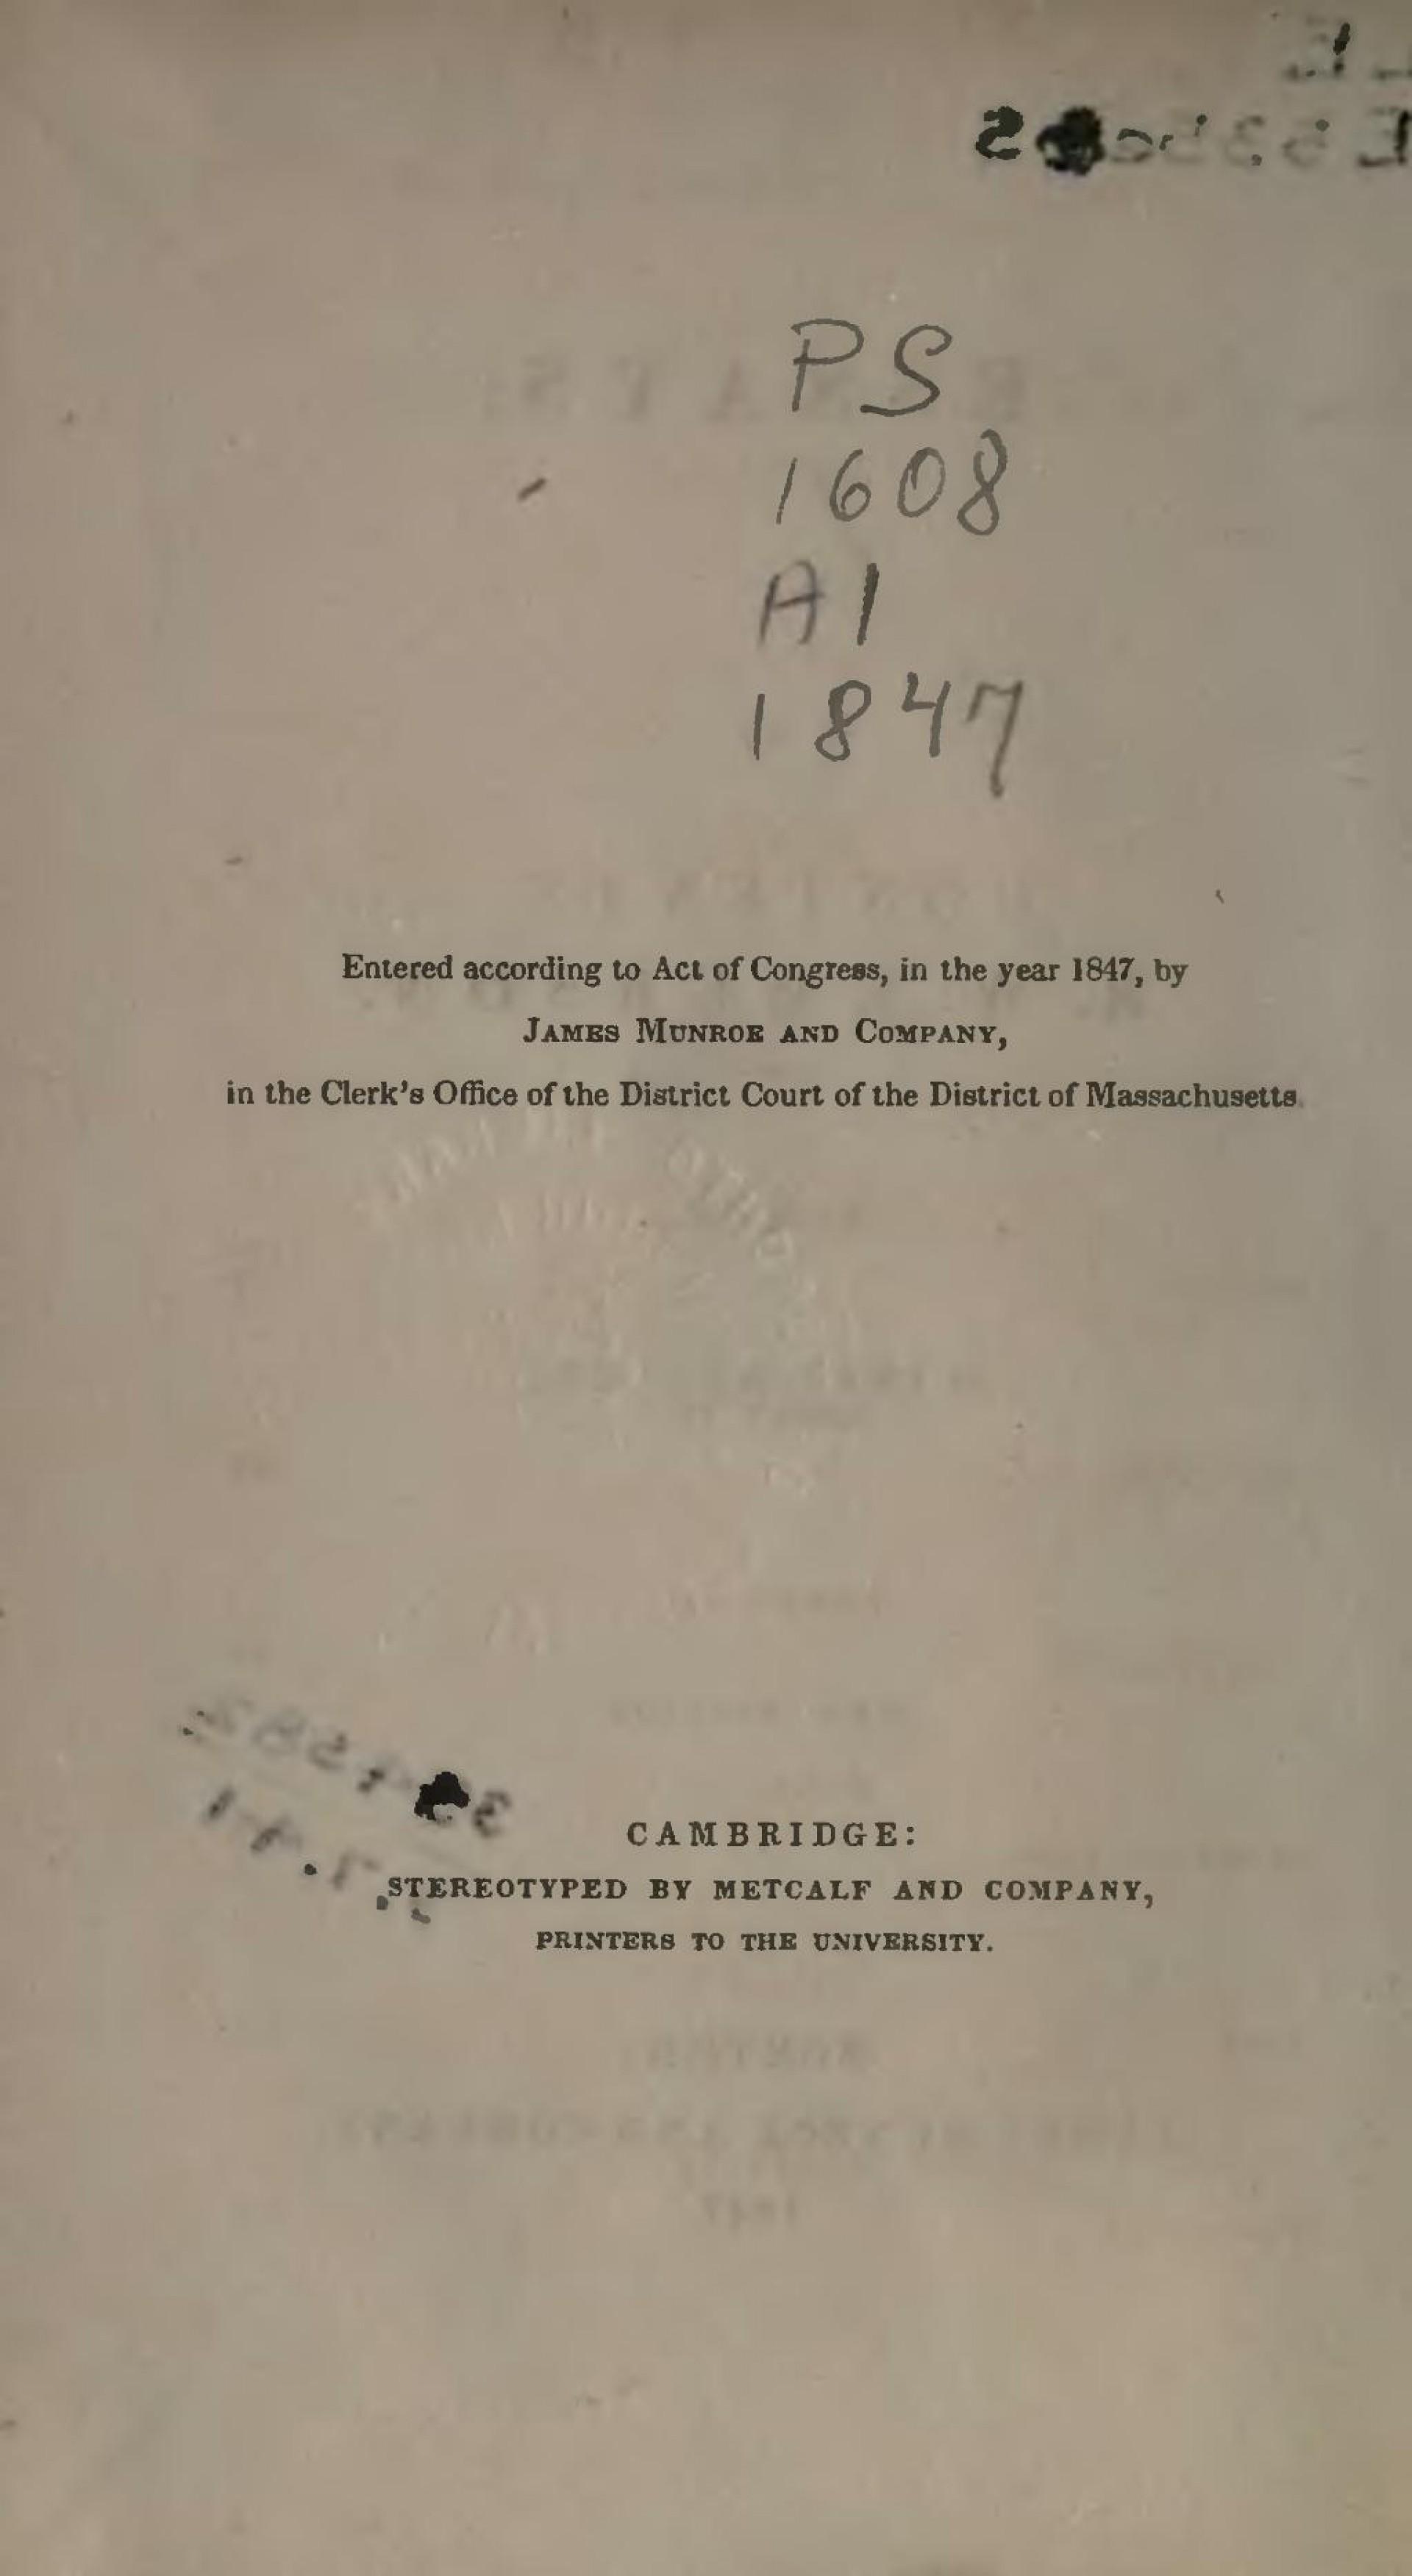 014 Essays First Series Page10 1024px Essays2c 28184729 Djvu Essay Stunning In Zen Buddhism Emerson's Value 1920